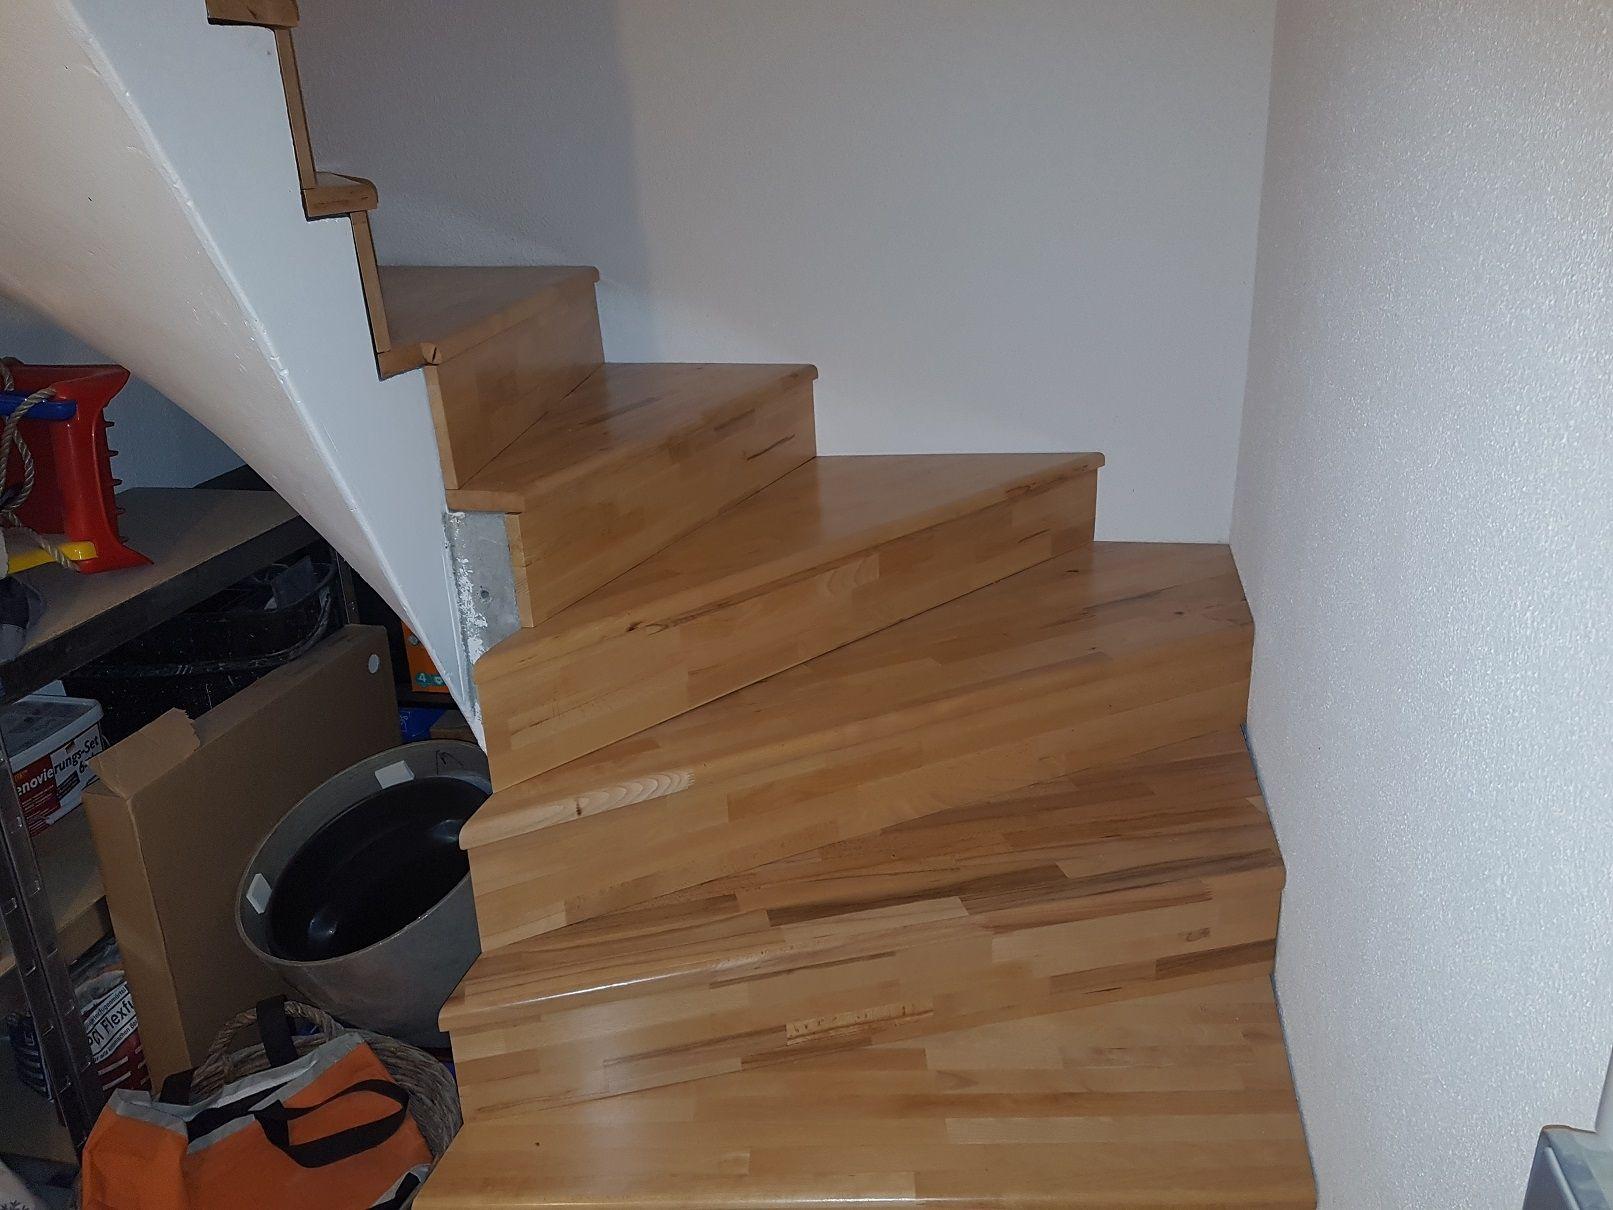 Kellertreppe Mit Holzstufen Verkleiden Bauanleitung Zum Selber - Kellertreppe fliesen anleitung